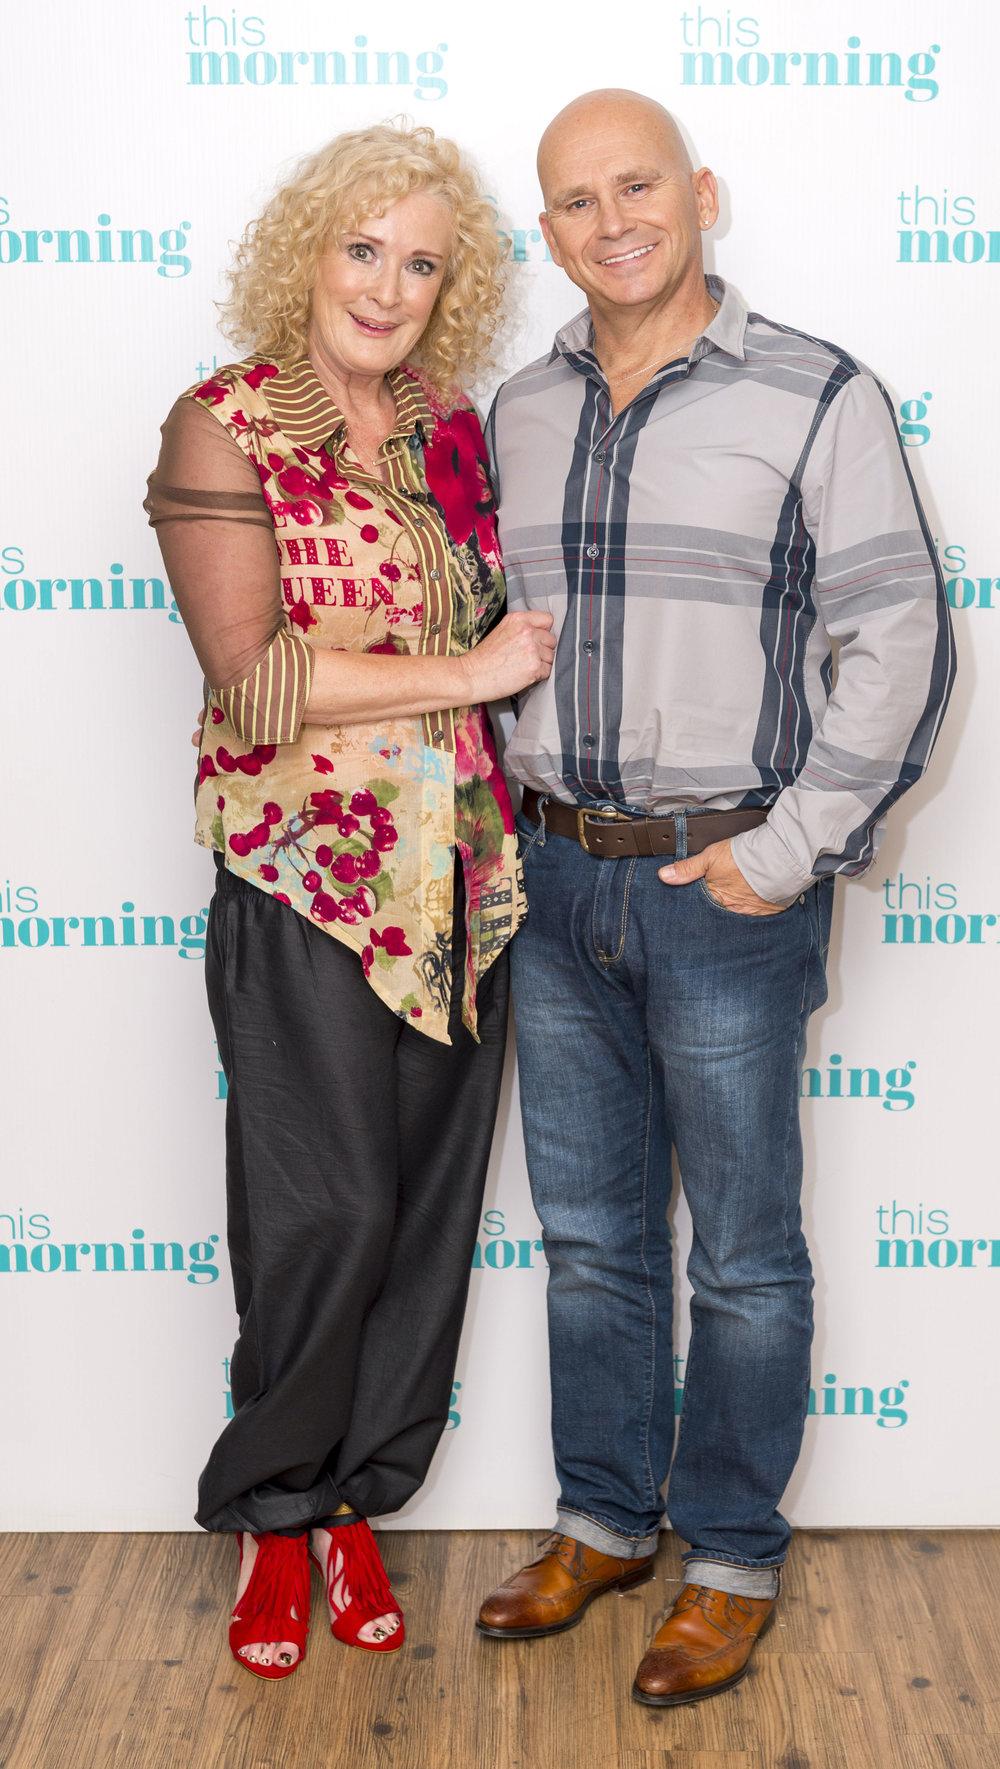 Bev with her husband Jon McEwan